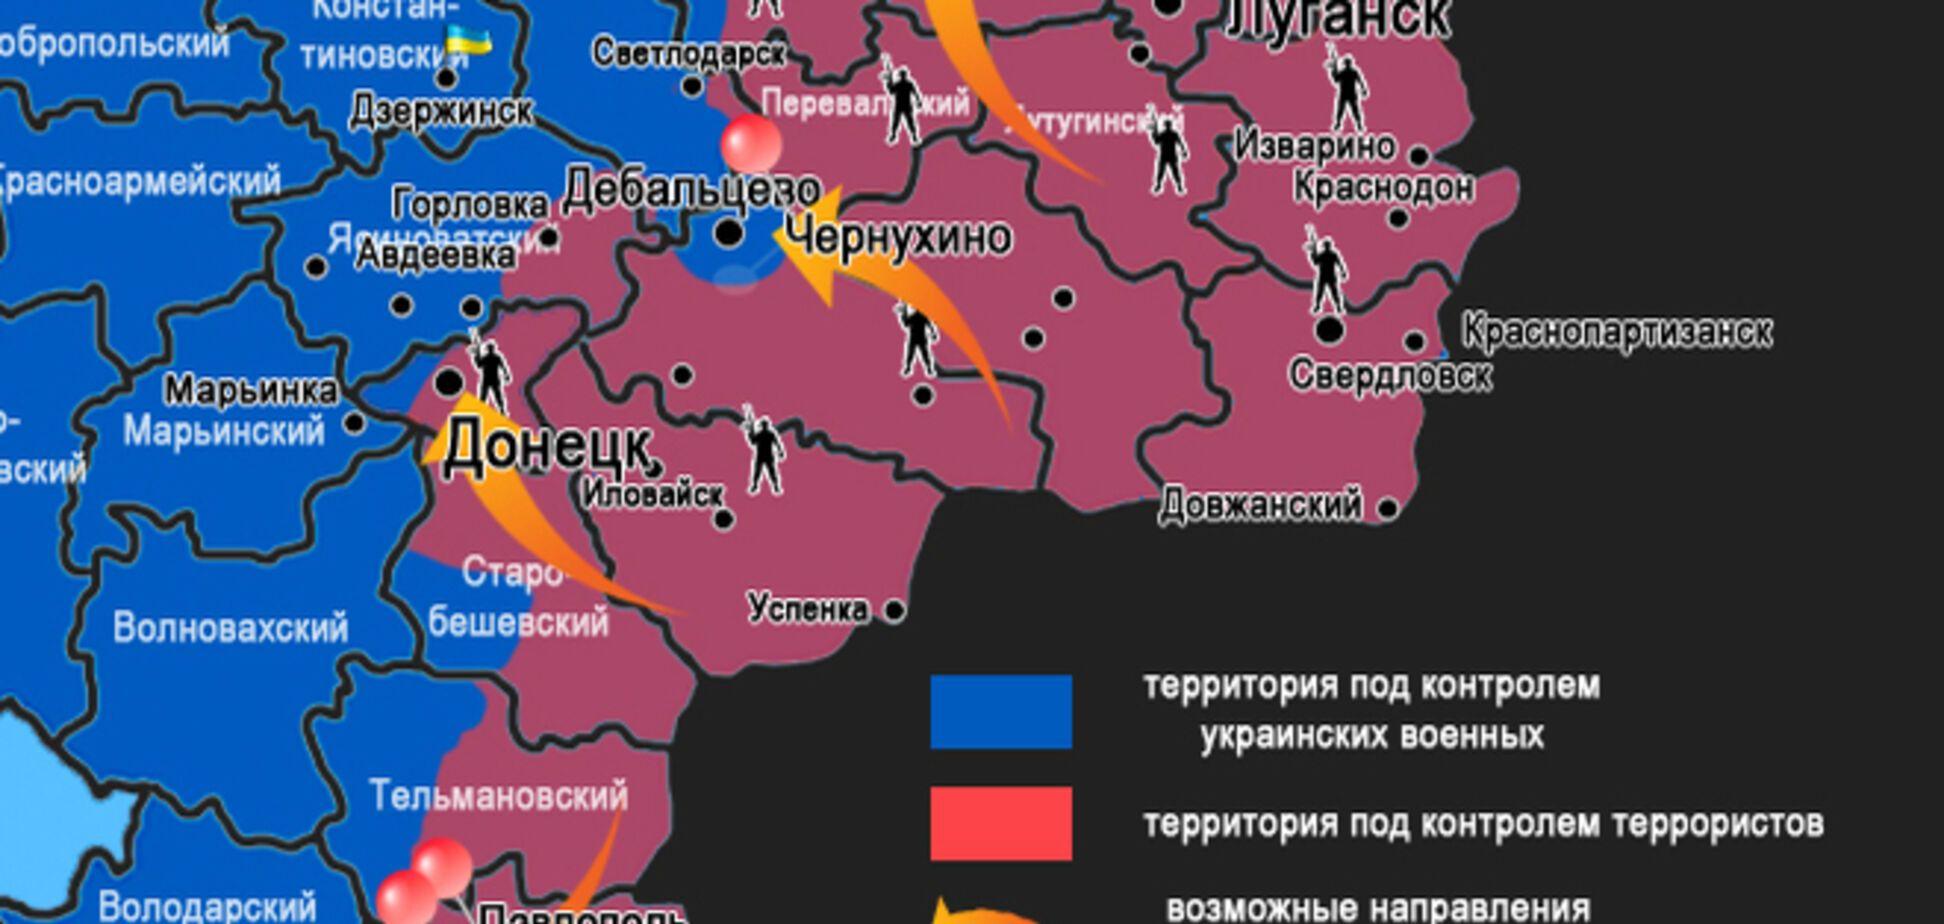 Что может стать вторым Иловайском? Инфографика